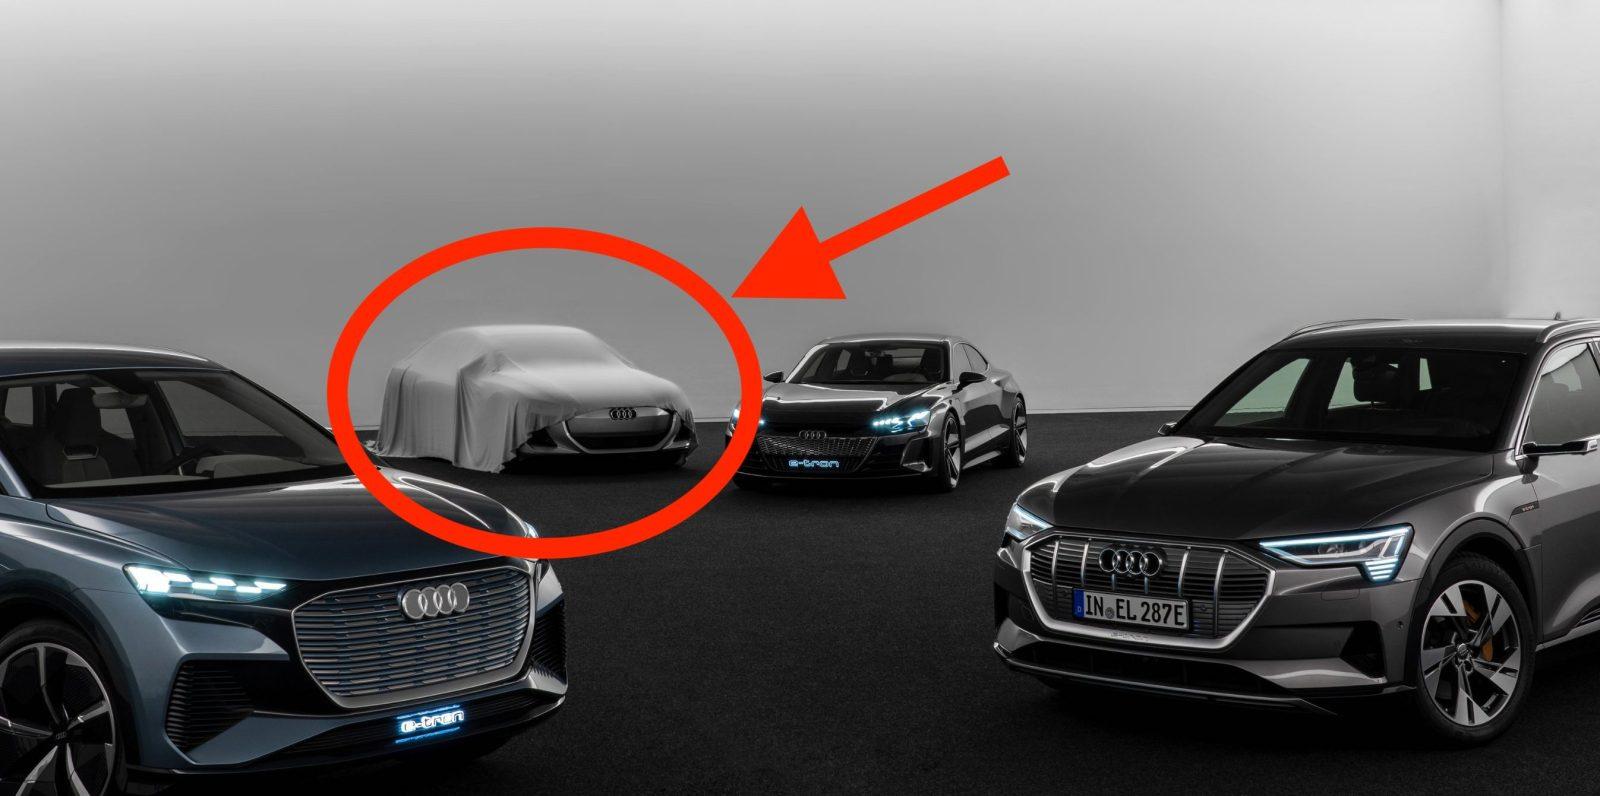 Audi teases electric 4-dour coupé based new electric platform built with Porsche